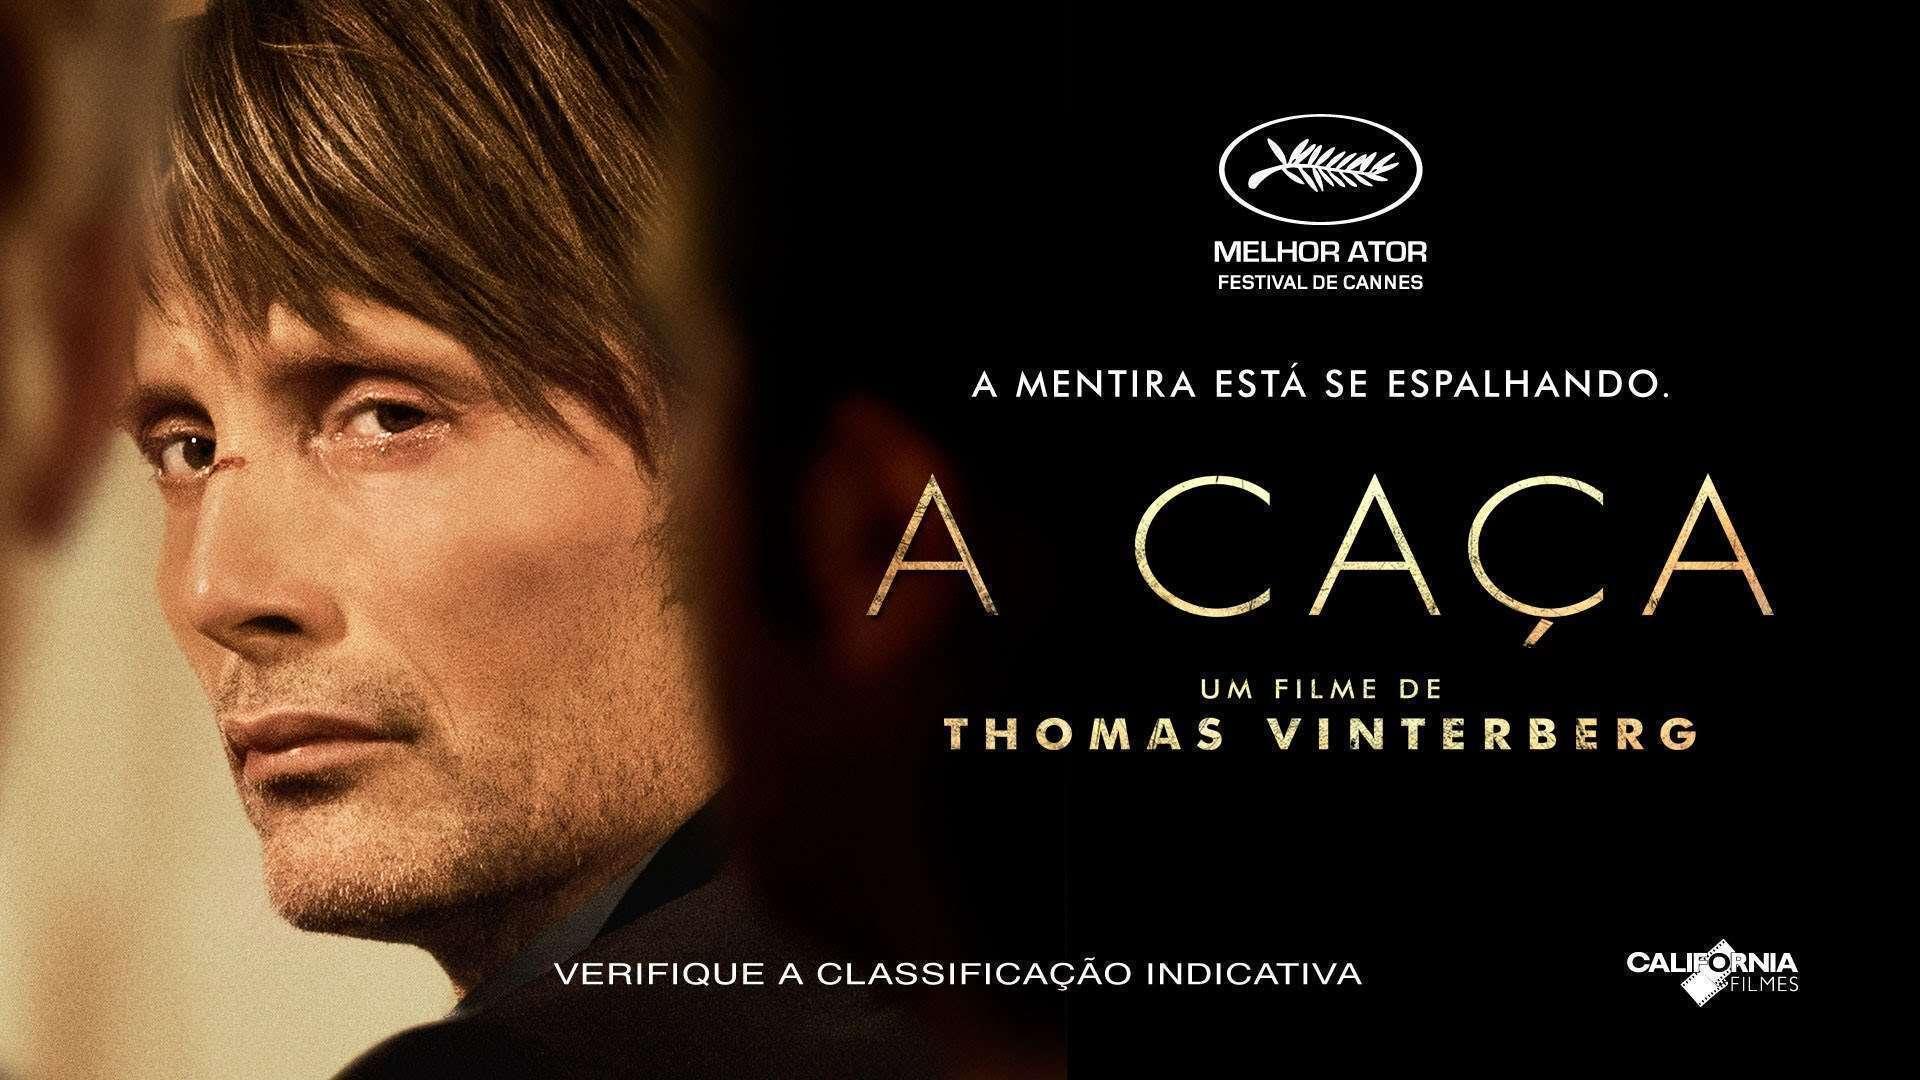 A Caça poster